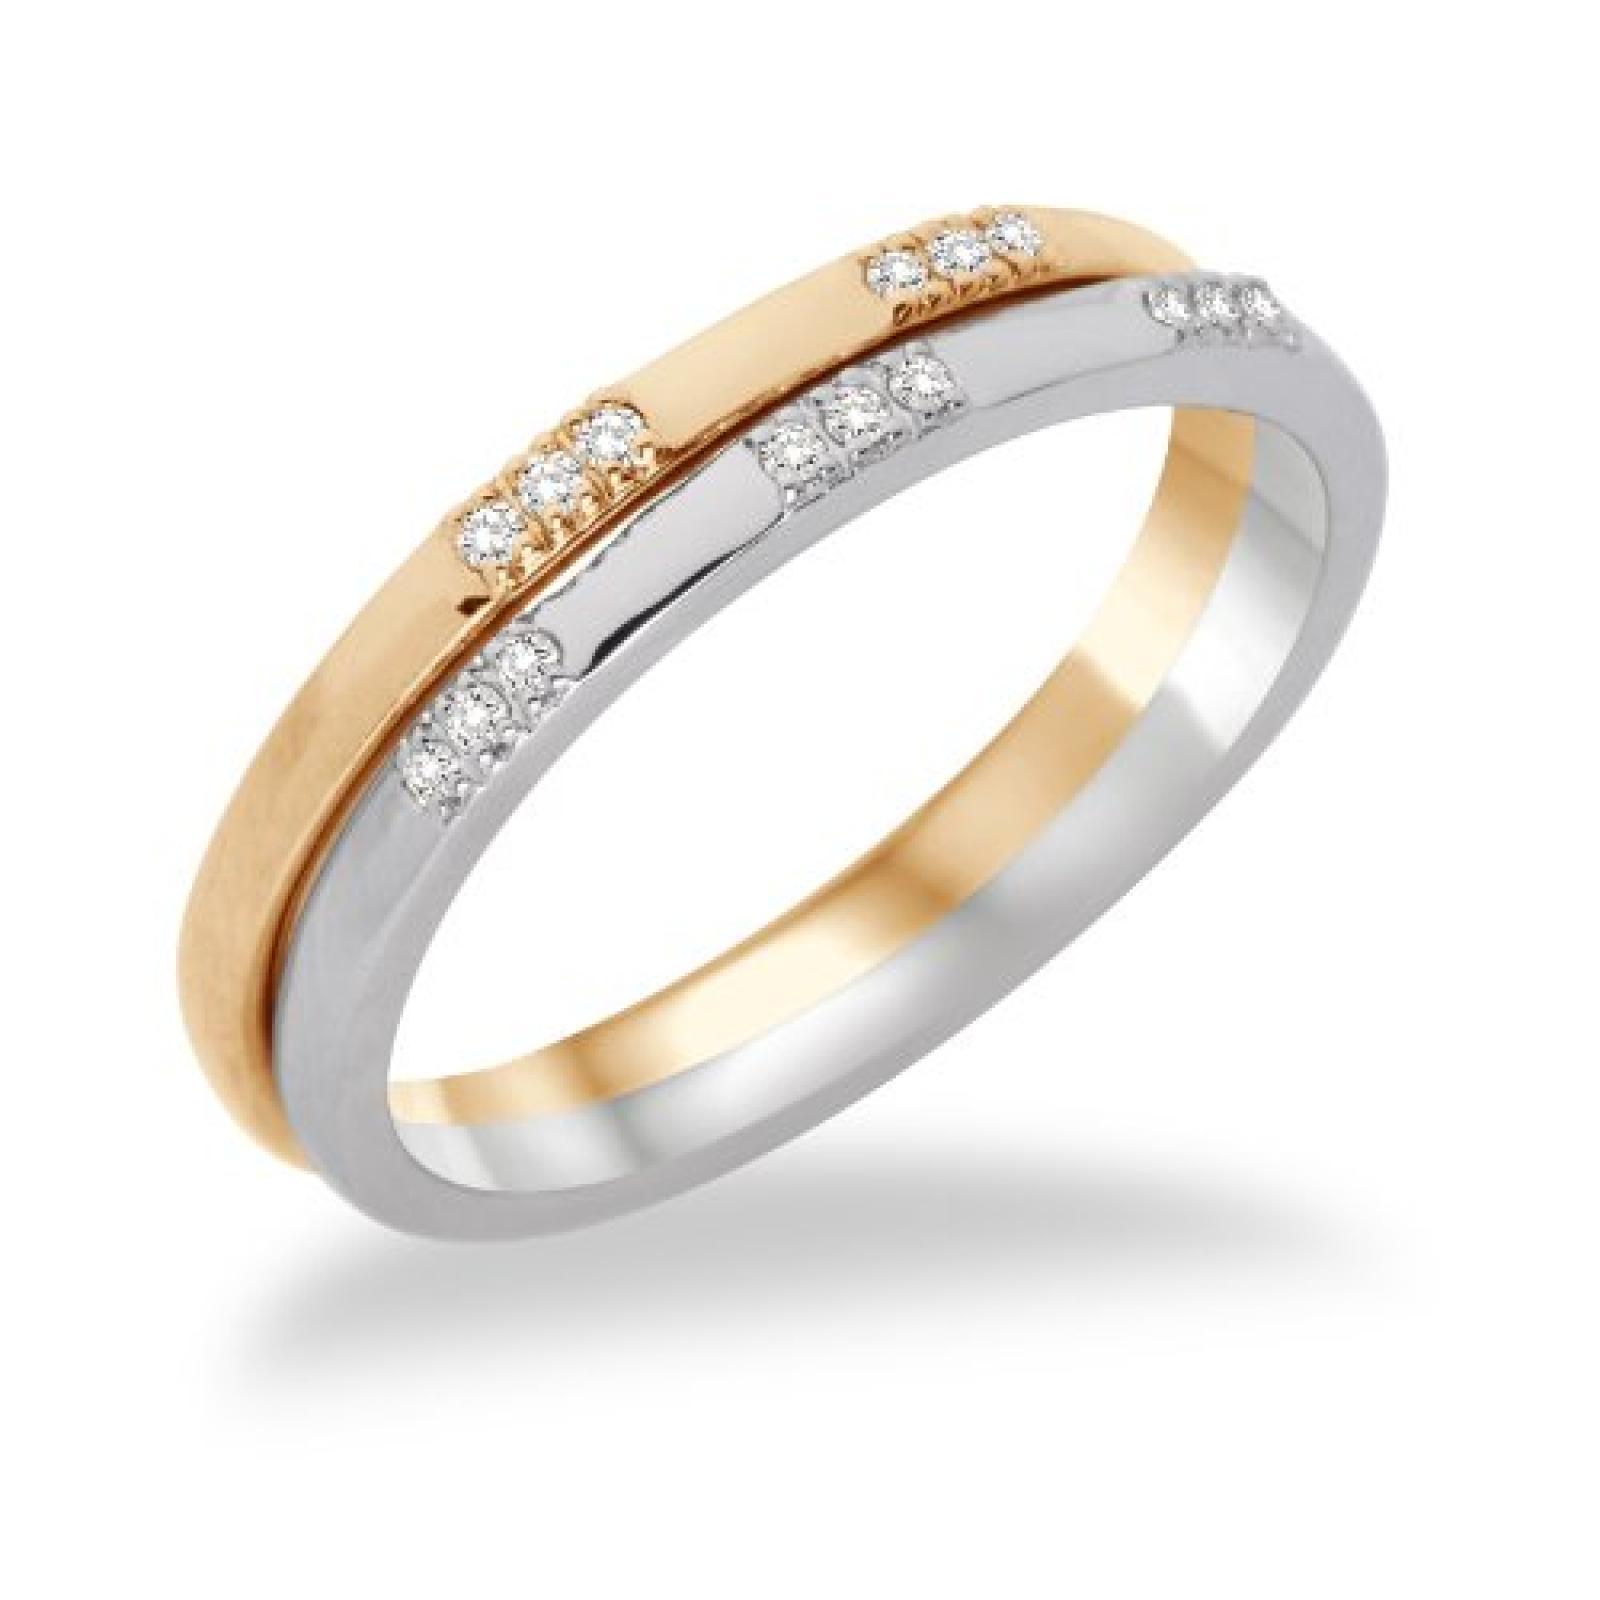 Miore Damen-Ring 2-teilig 375 weiß-/Gelbgold mit Brillanten MF9007RM